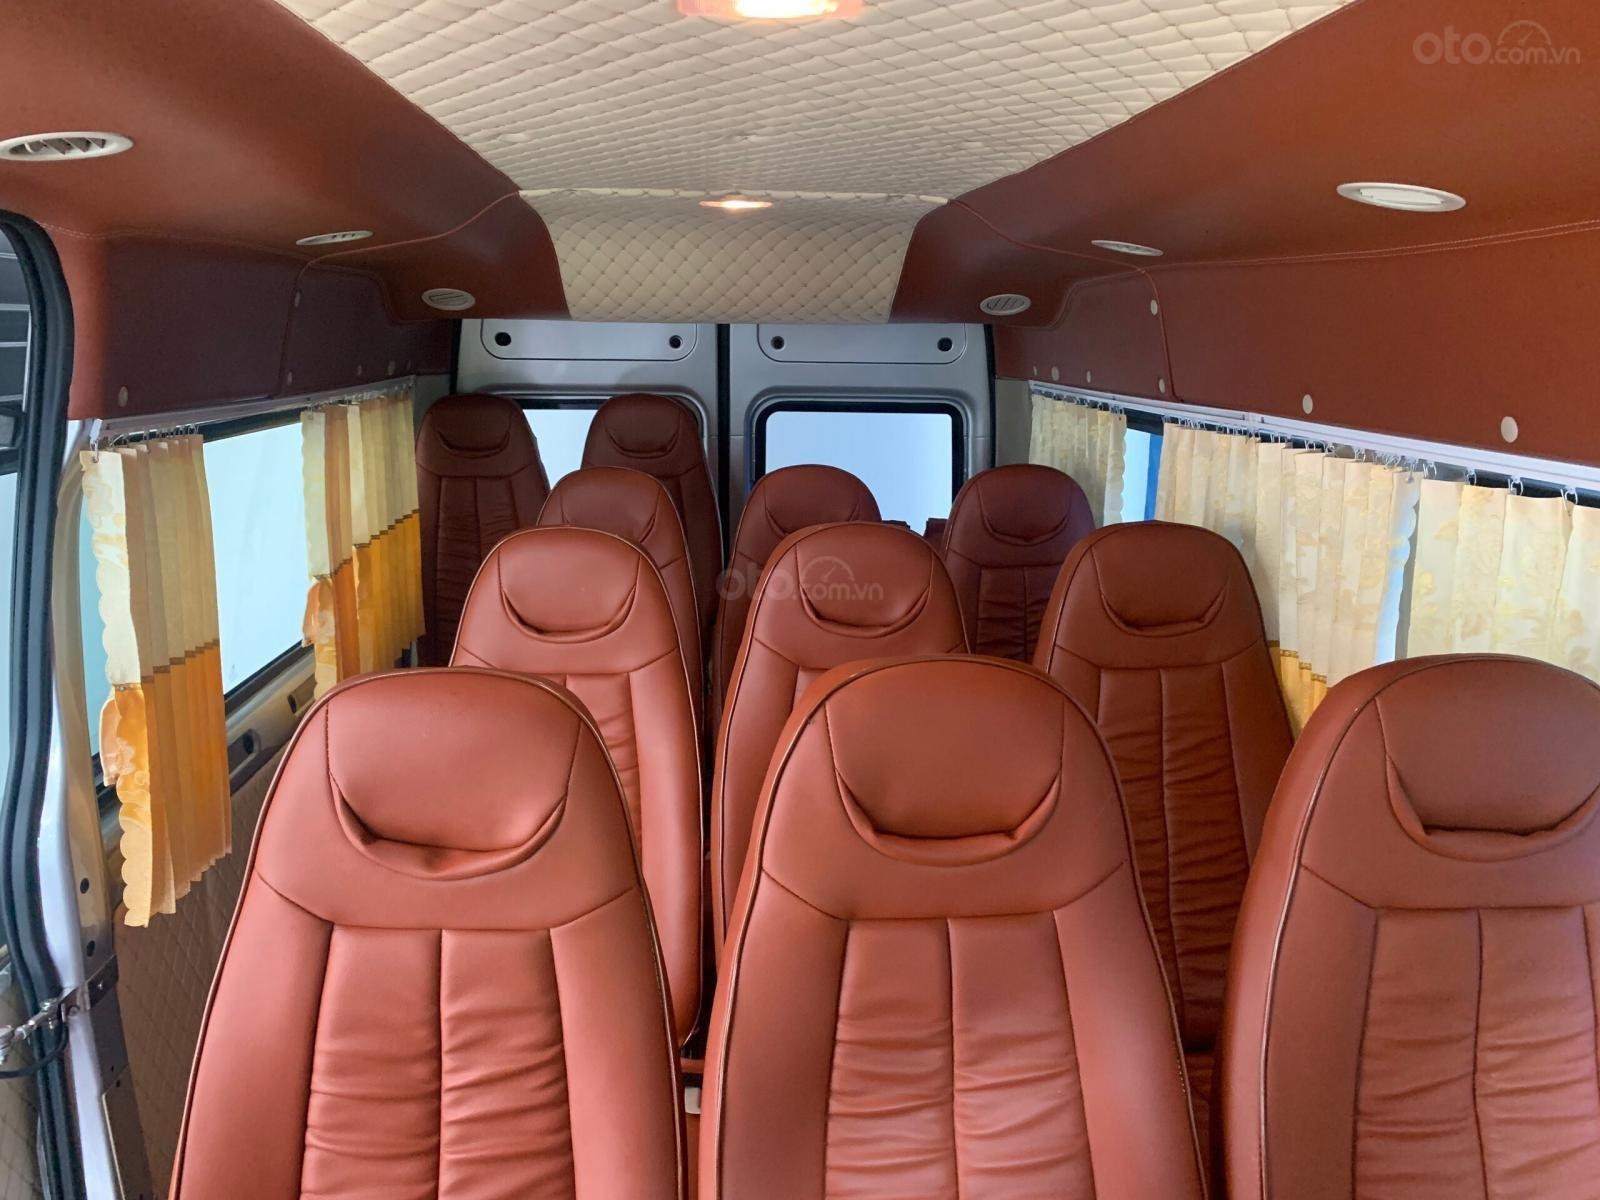 Bán Transit 2019 ưu đãi khủng, giá cạnh canh tổng ưu đãi đến 82tr (3)